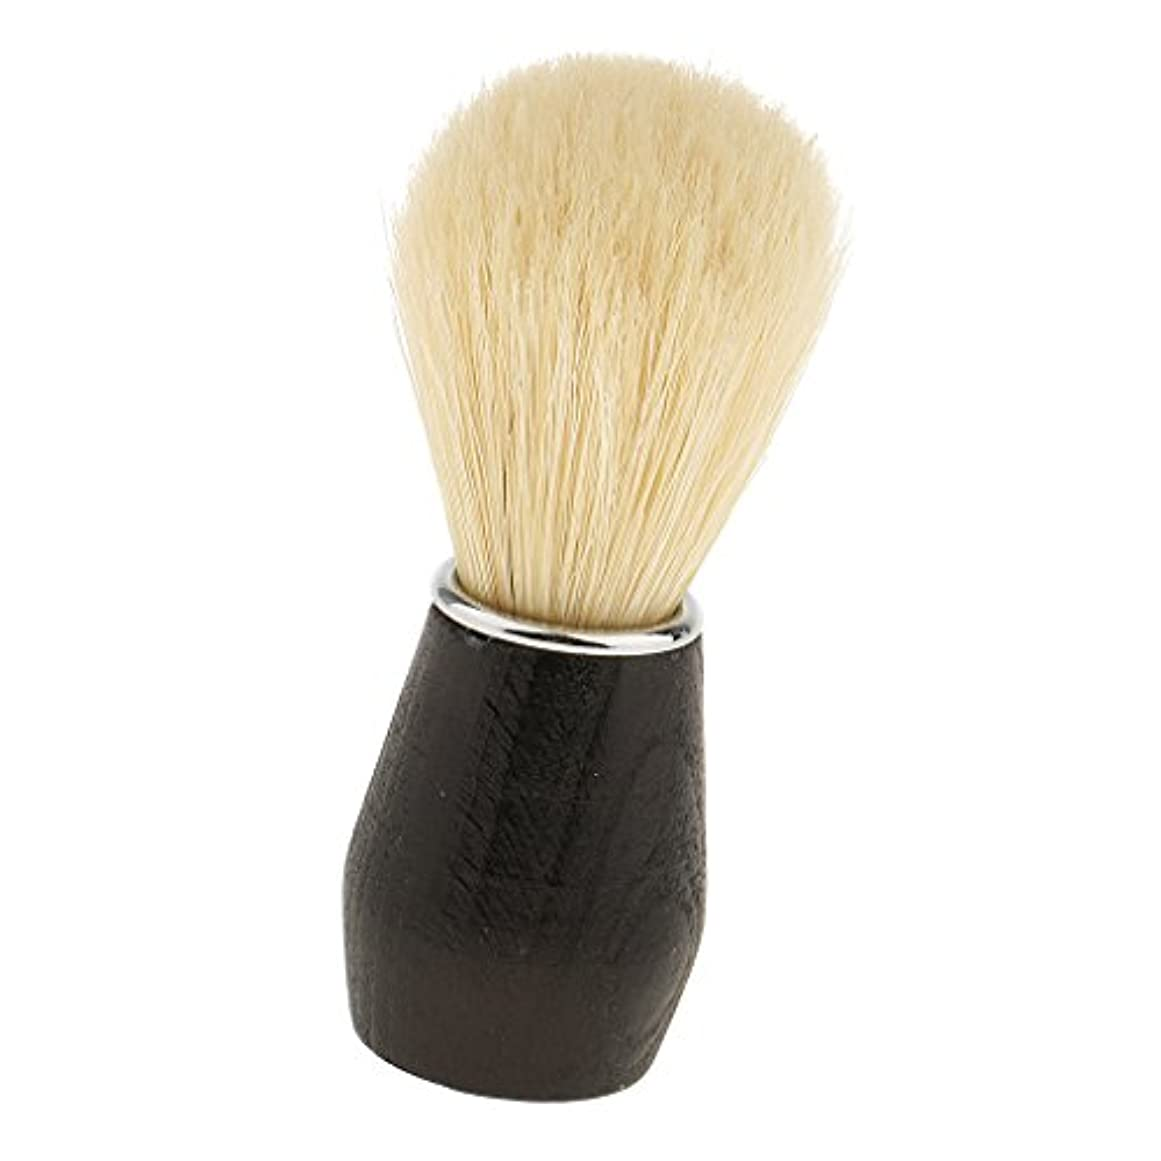 起きろ特定のジョージハンブリーdailymall ひげ剃りブラシ シェービングブラシ メンズ 髭剃り プロフェッショナル ひげ剃り 美容ツール